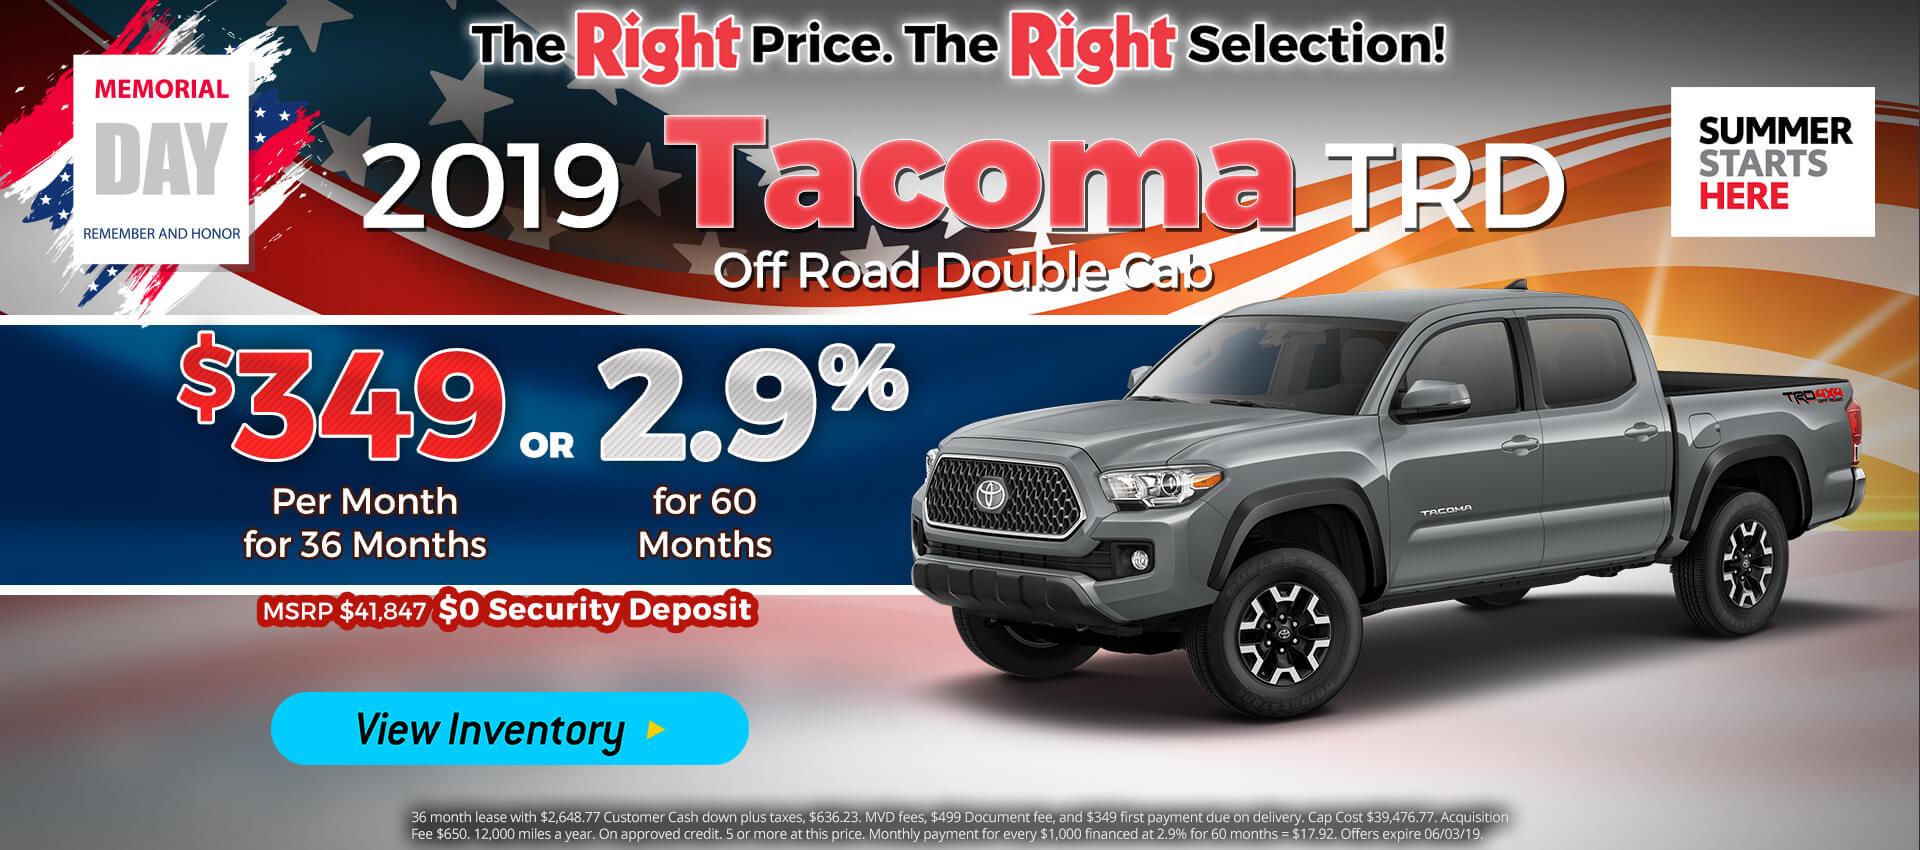 Tacoma - Lease for $349